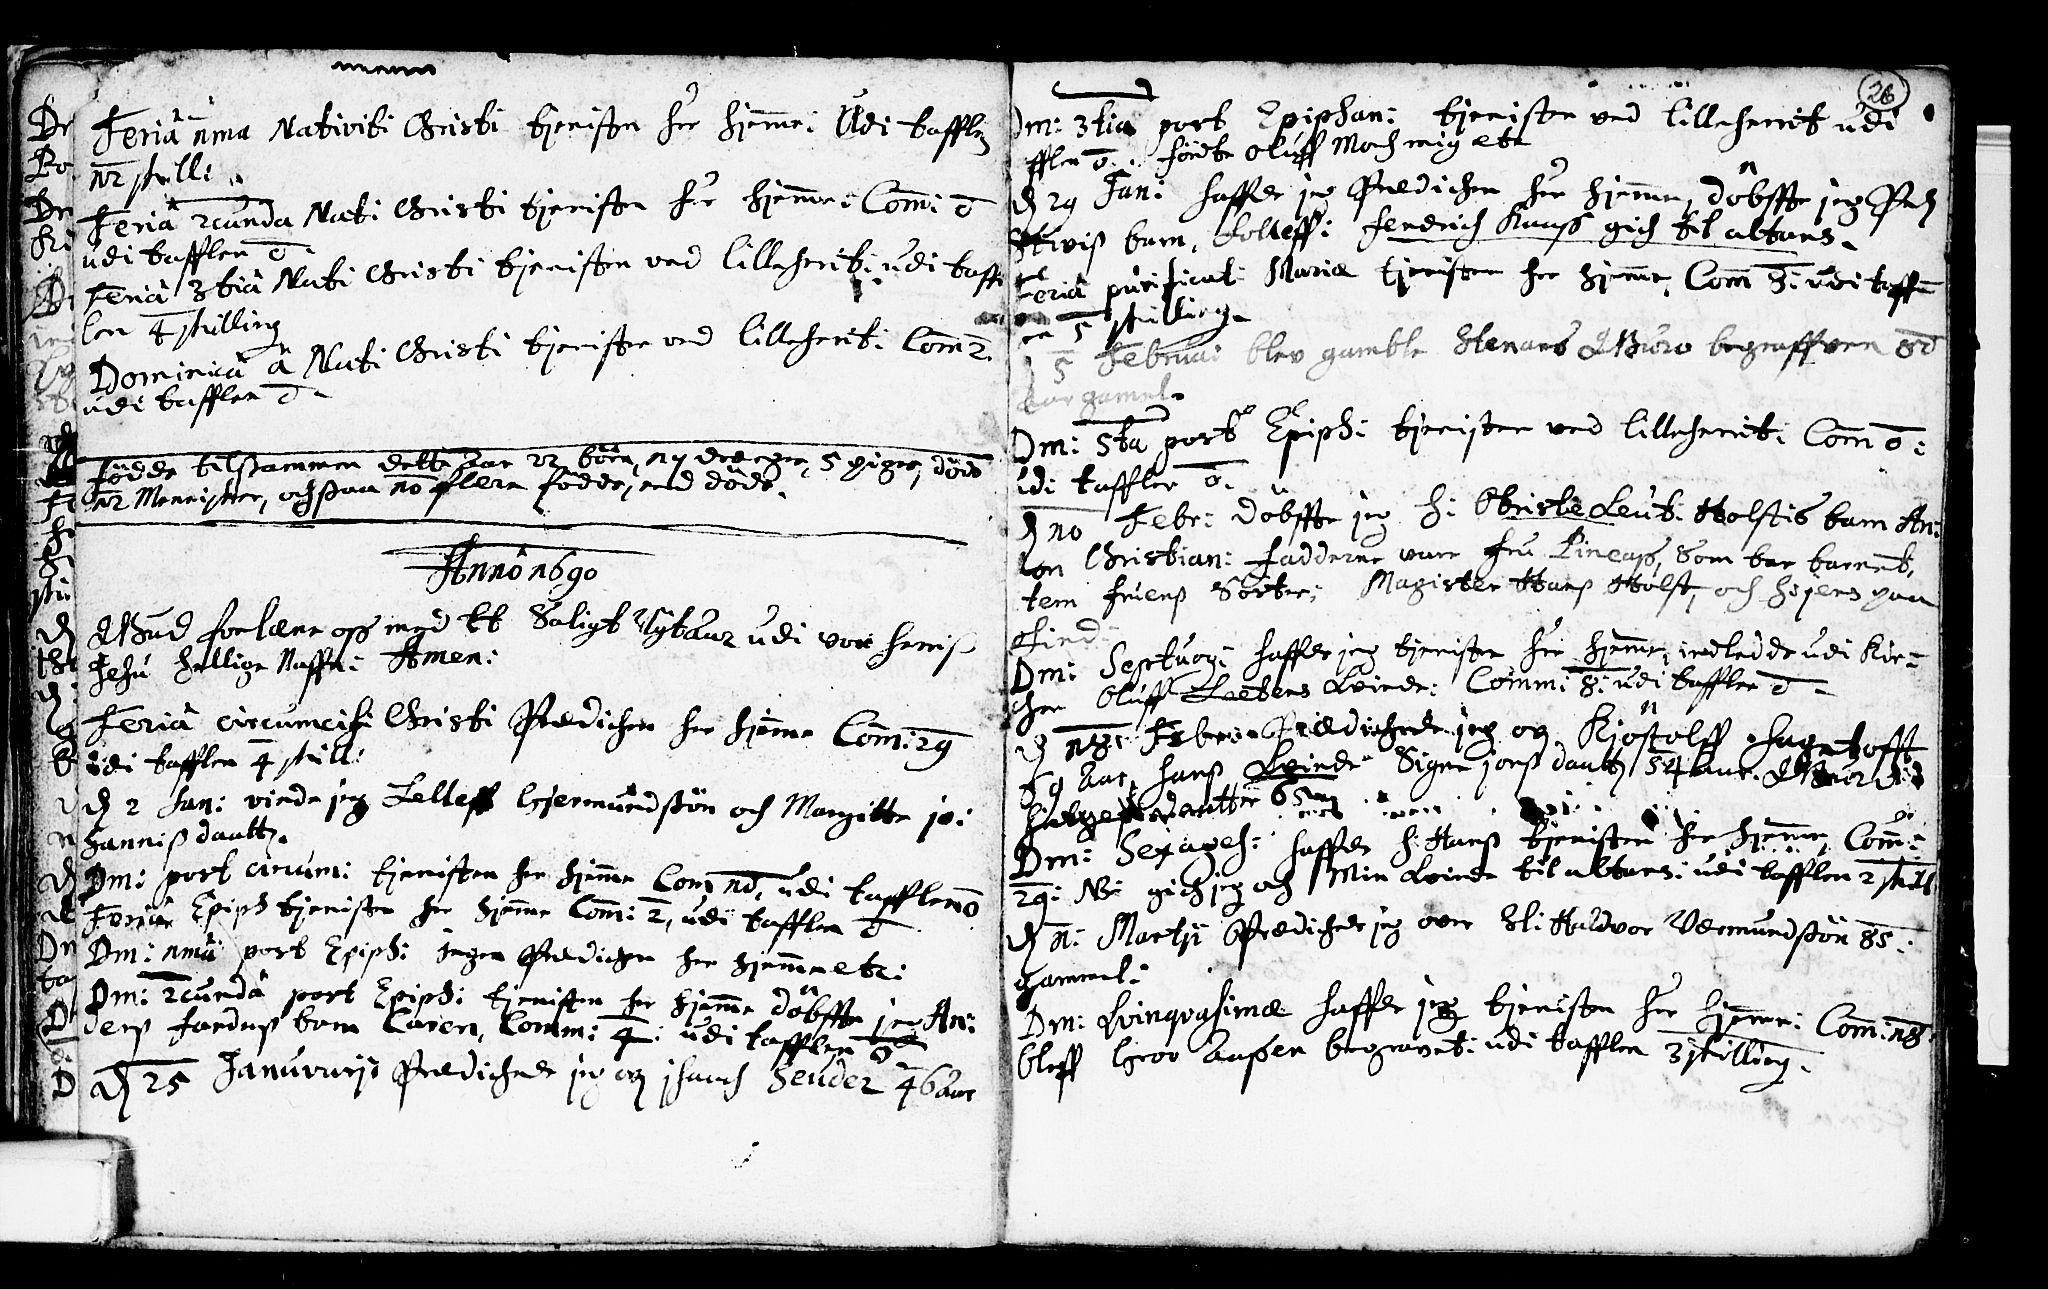 SAKO, Heddal kirkebøker, F/Fa/L0001: Ministerialbok nr. I 1, 1648-1699, s. 26